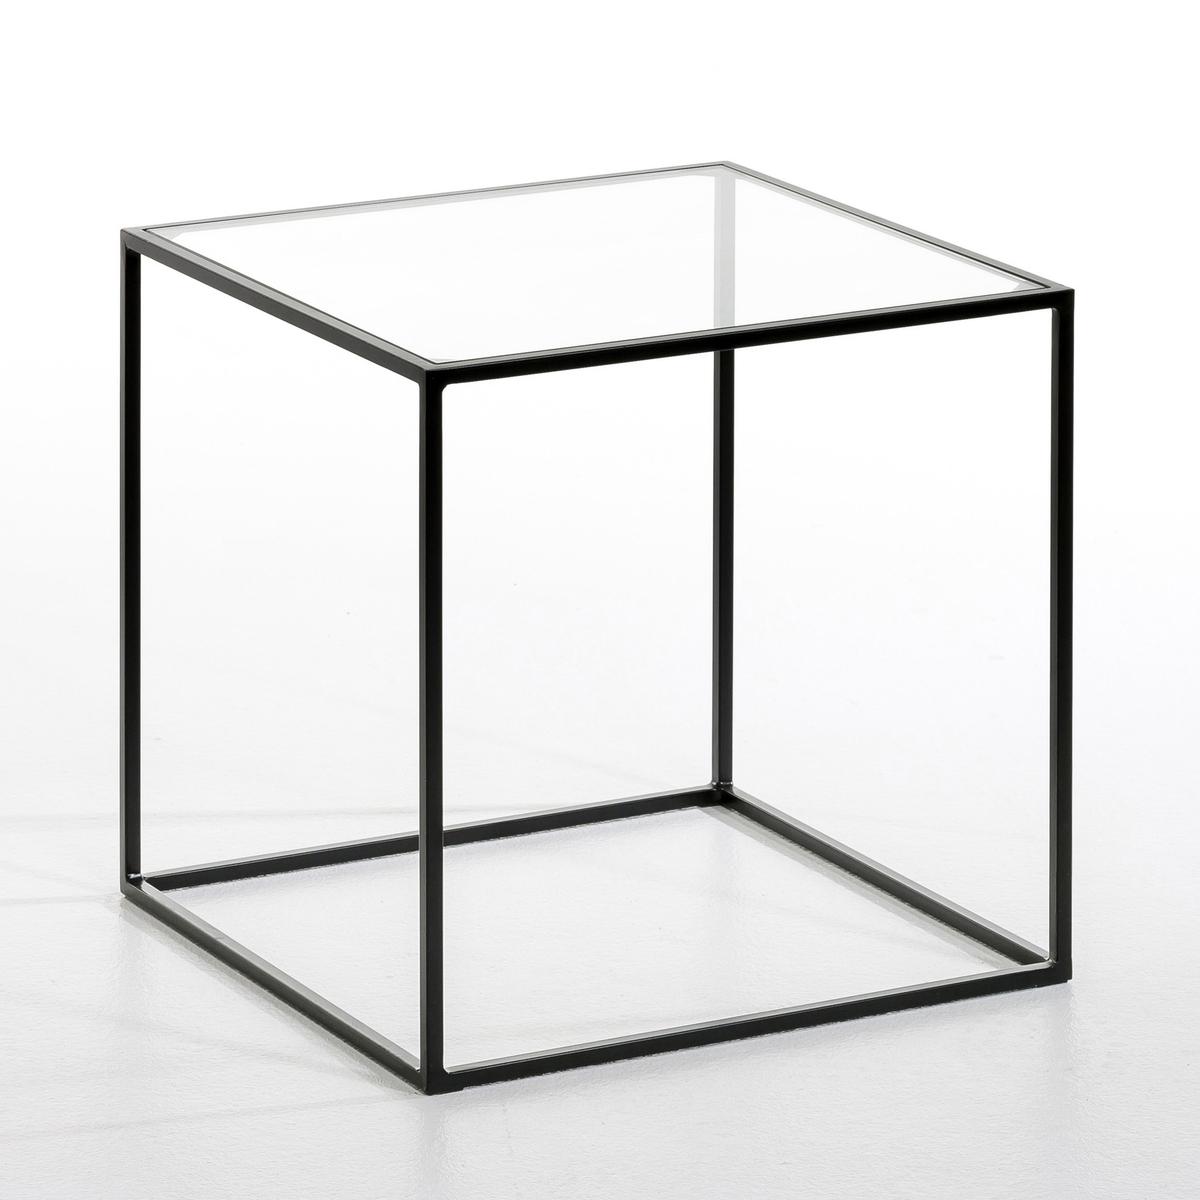 Столик La Redoute Журнальный Sybil стеклянная столешница единый размер зеленый